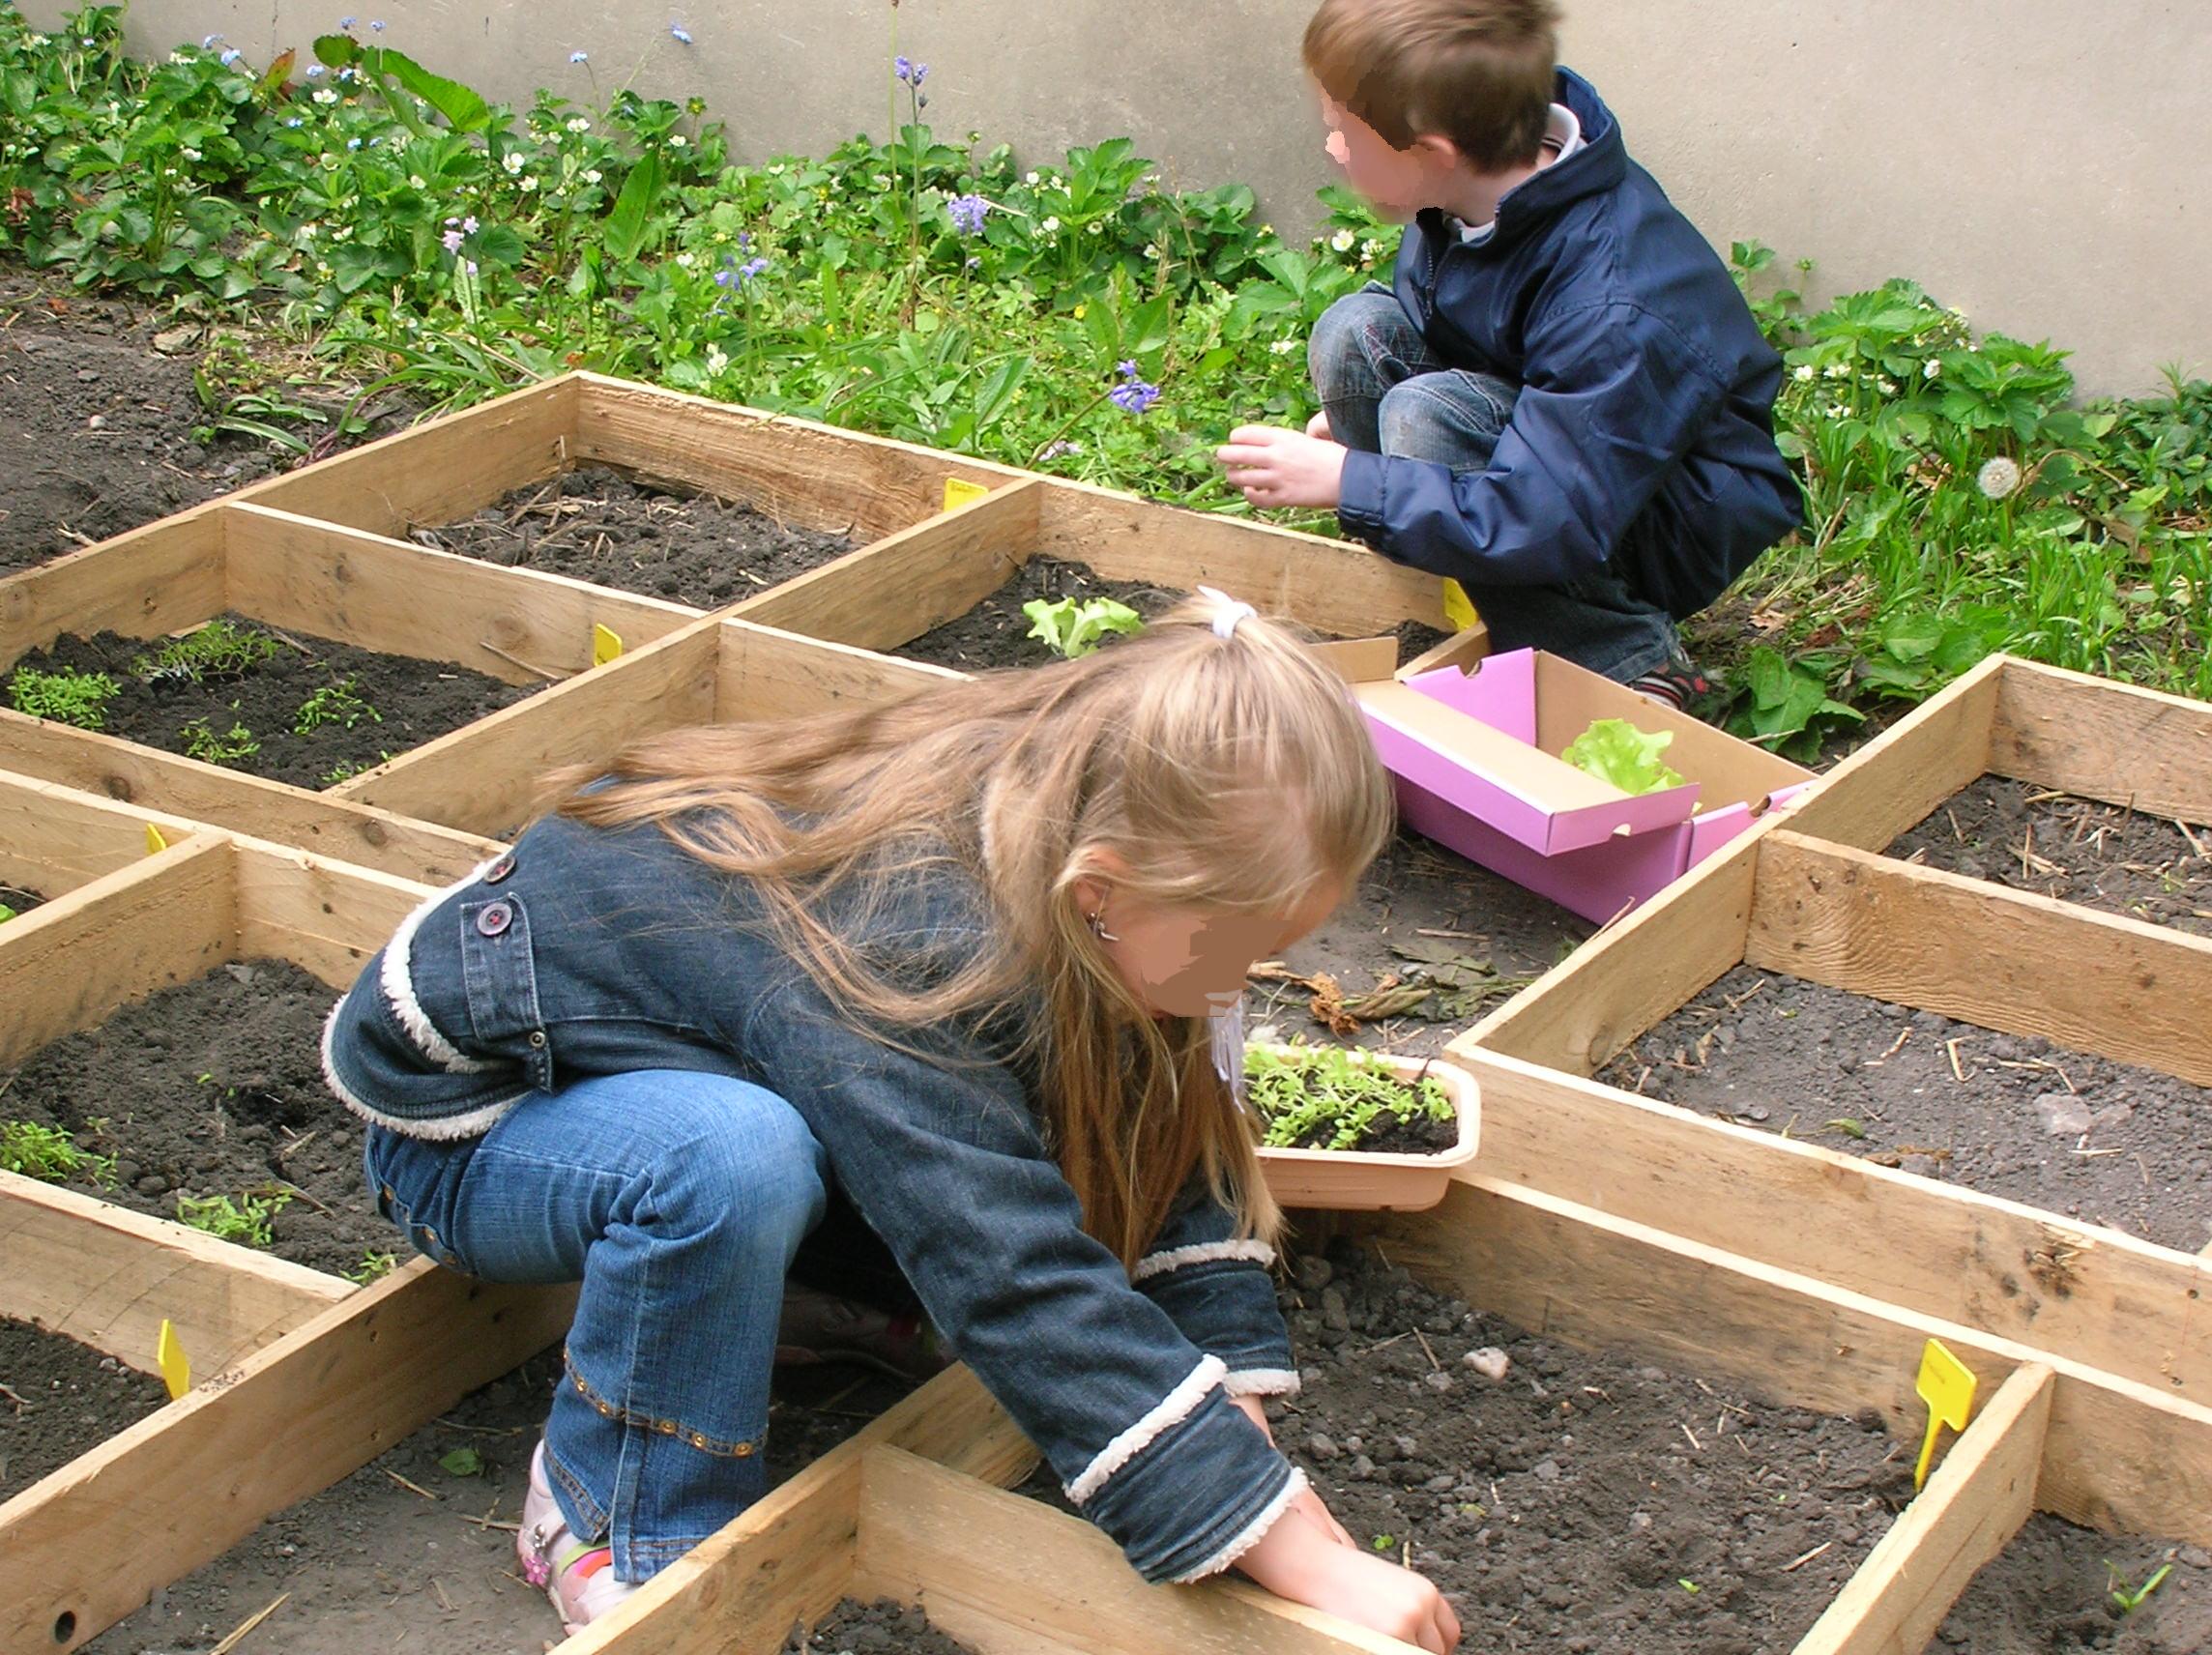 jardinage-1.jpg